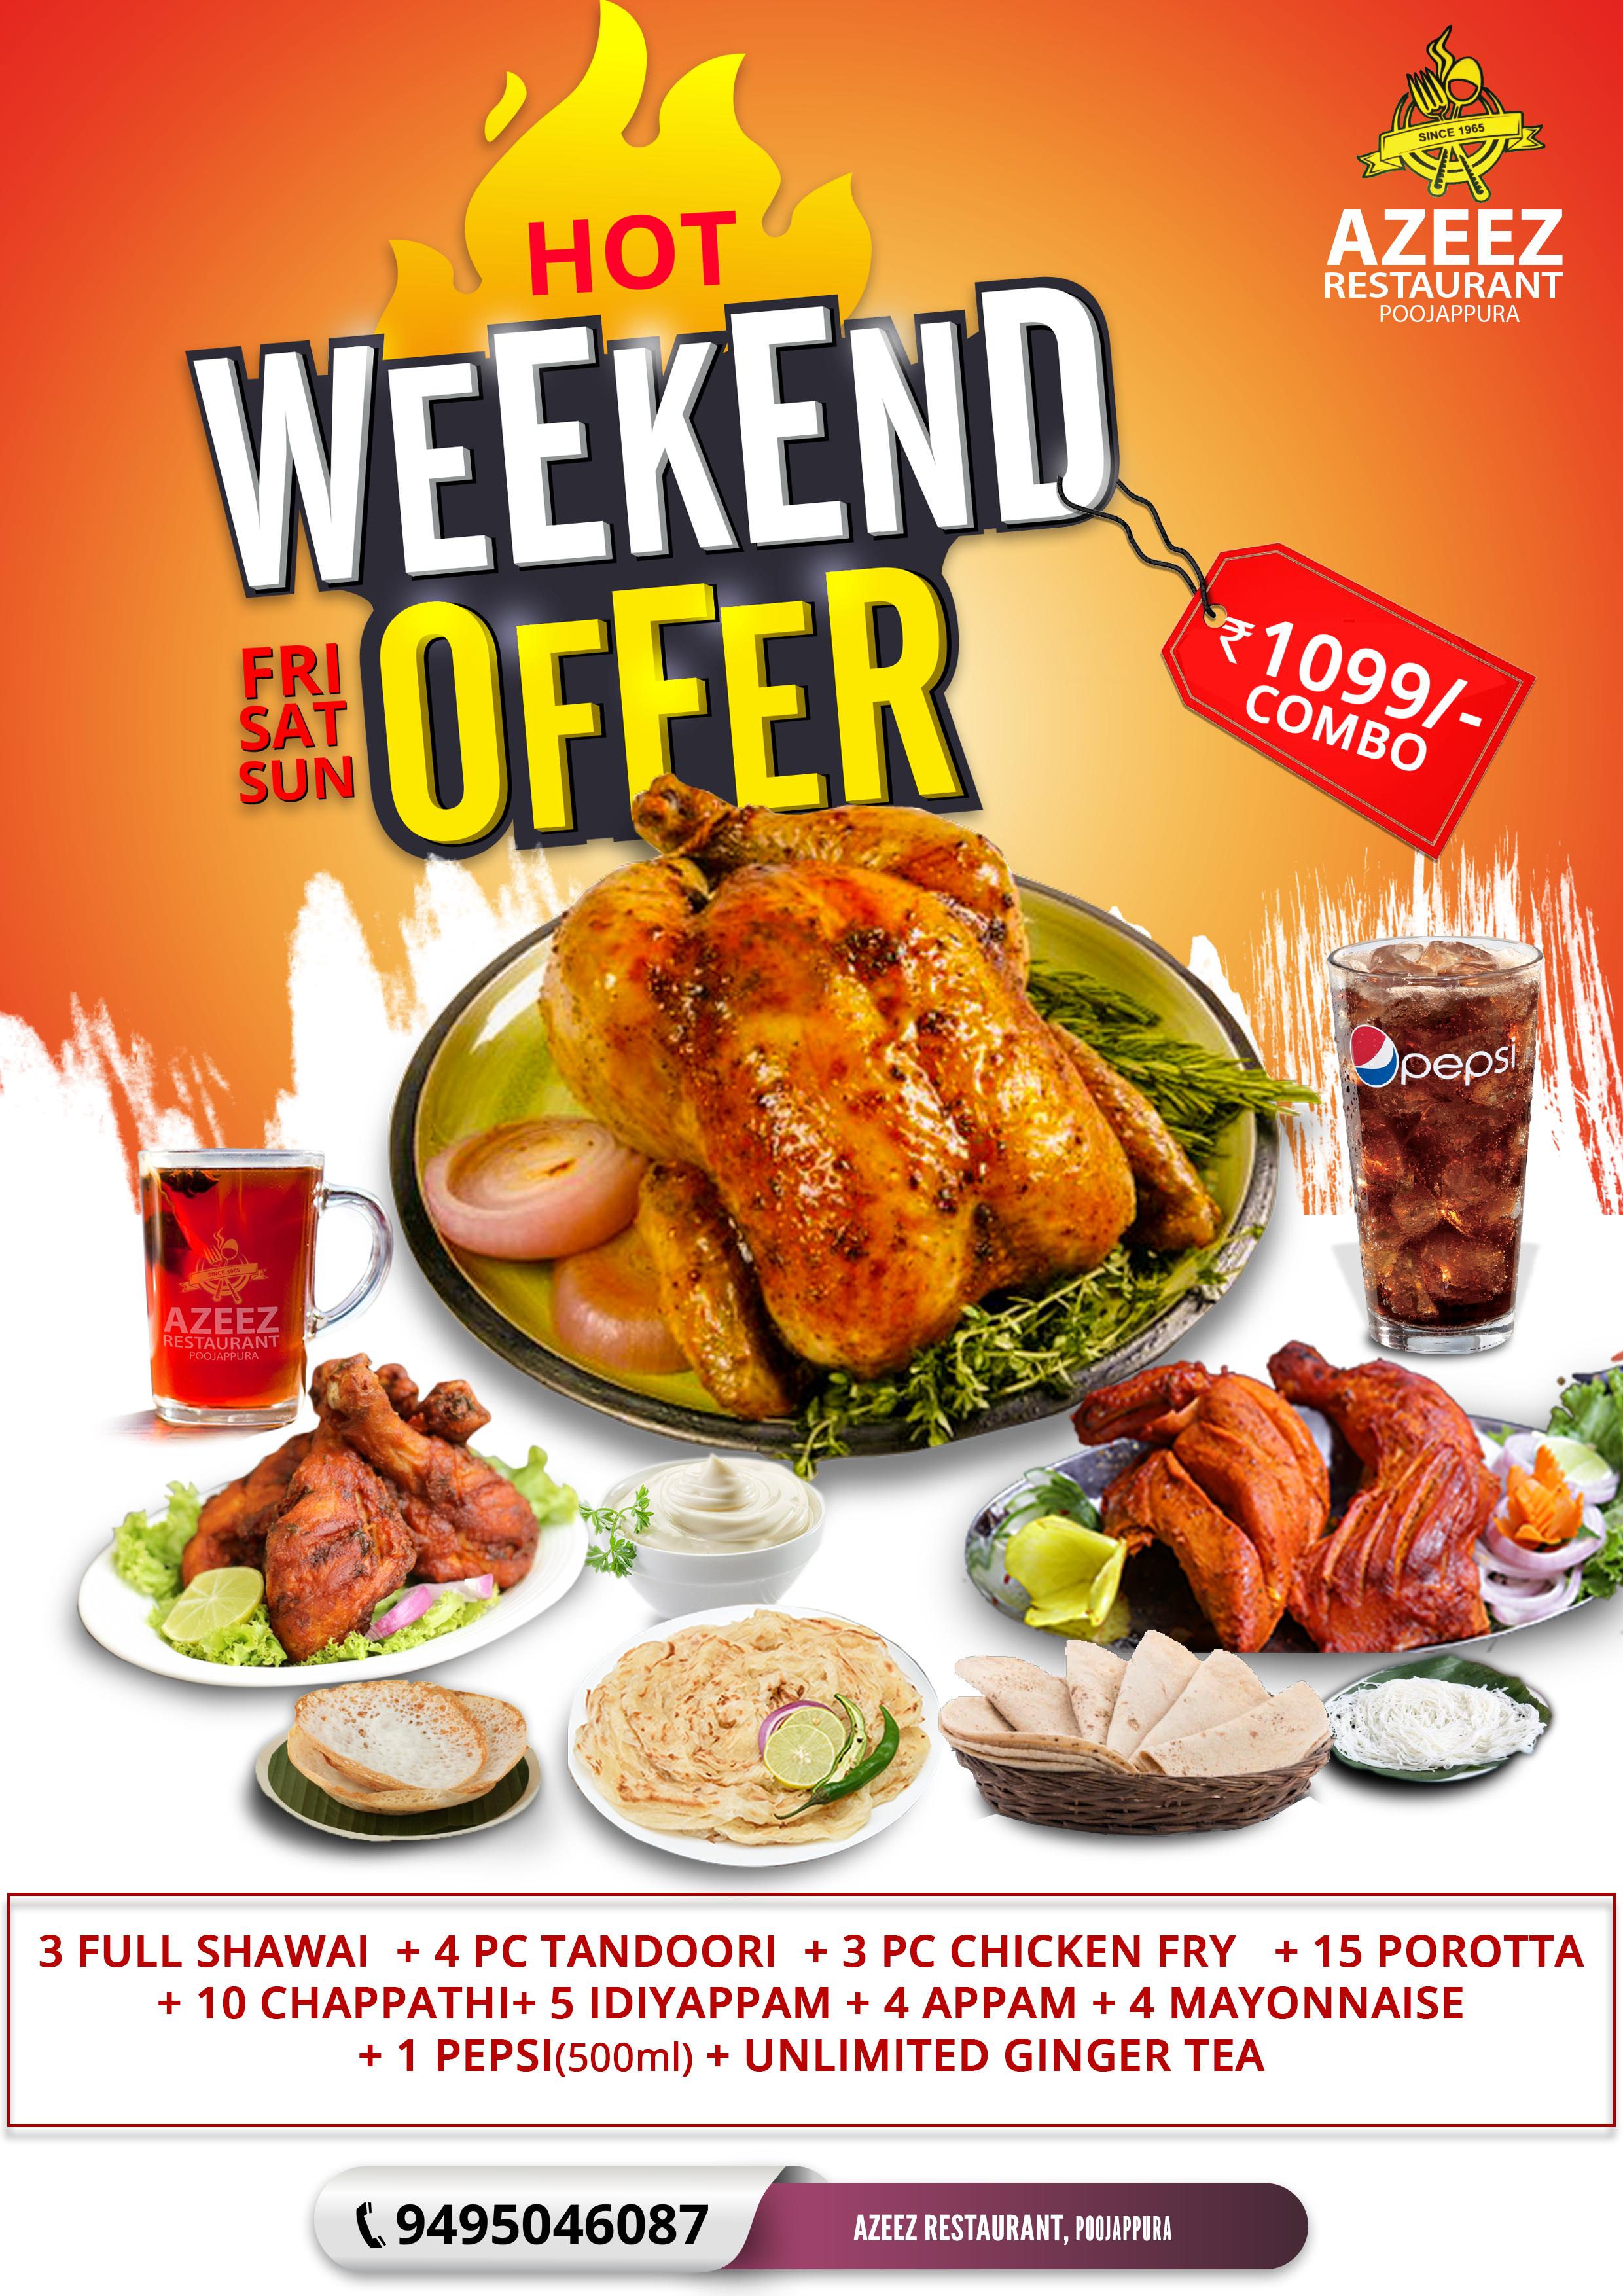 Azeez Restaurant Social Media Poster Hot Weekend Combo Offer